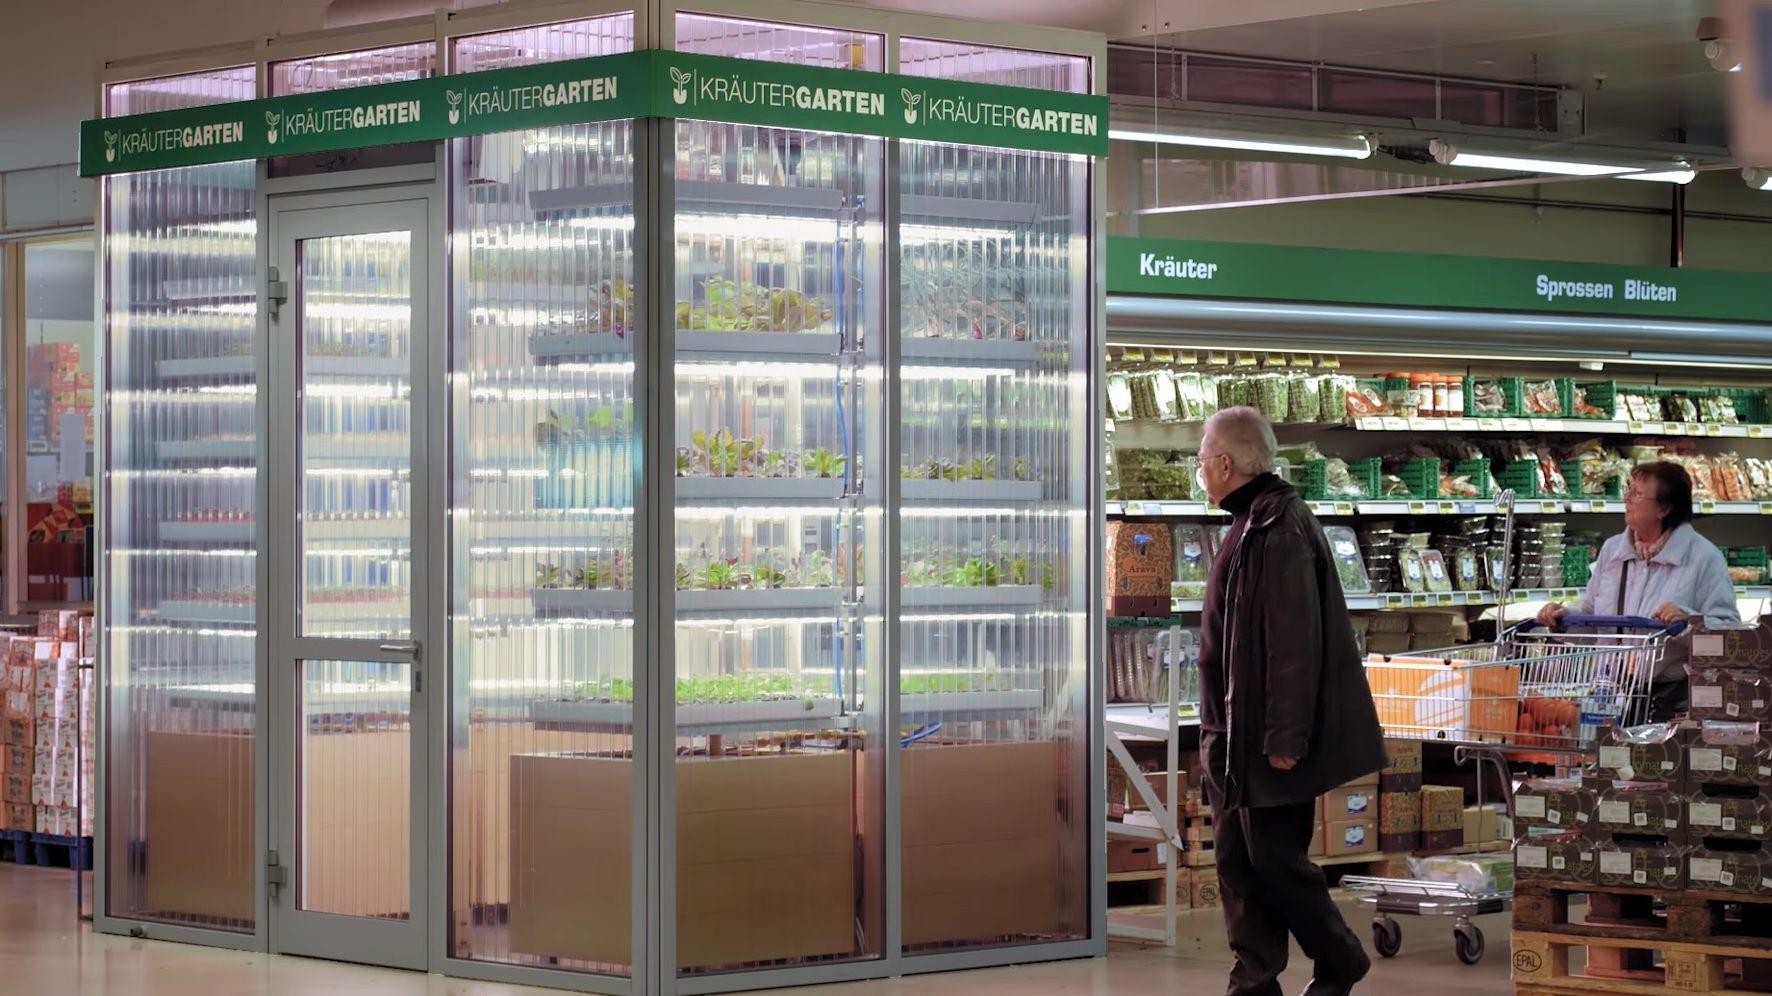 german supermarket farm infarm Metro